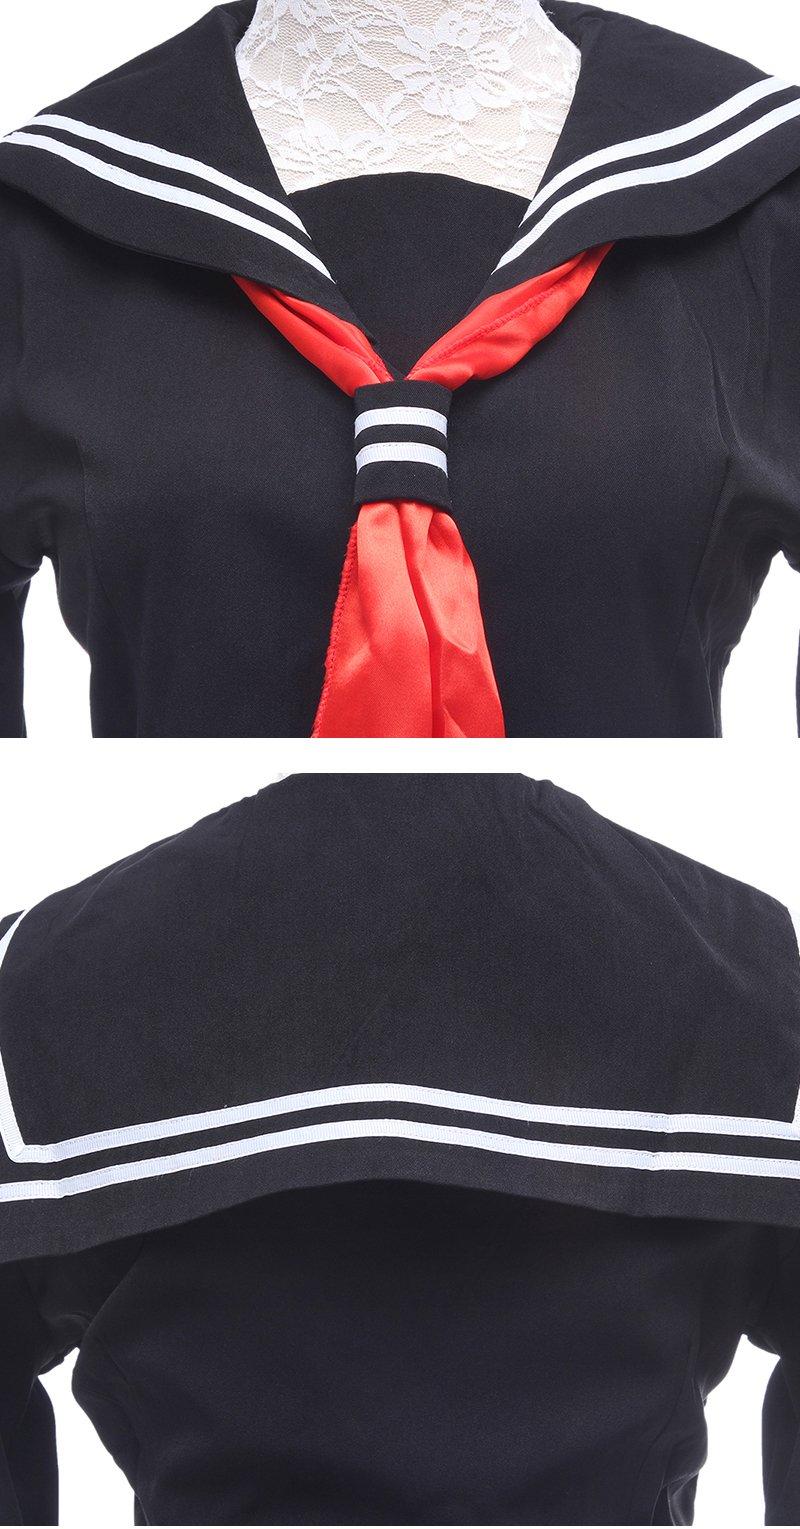 ROLECOS Womens Sailor School Uniform Dress Black L GC13A by ROLECOS (Image #7)